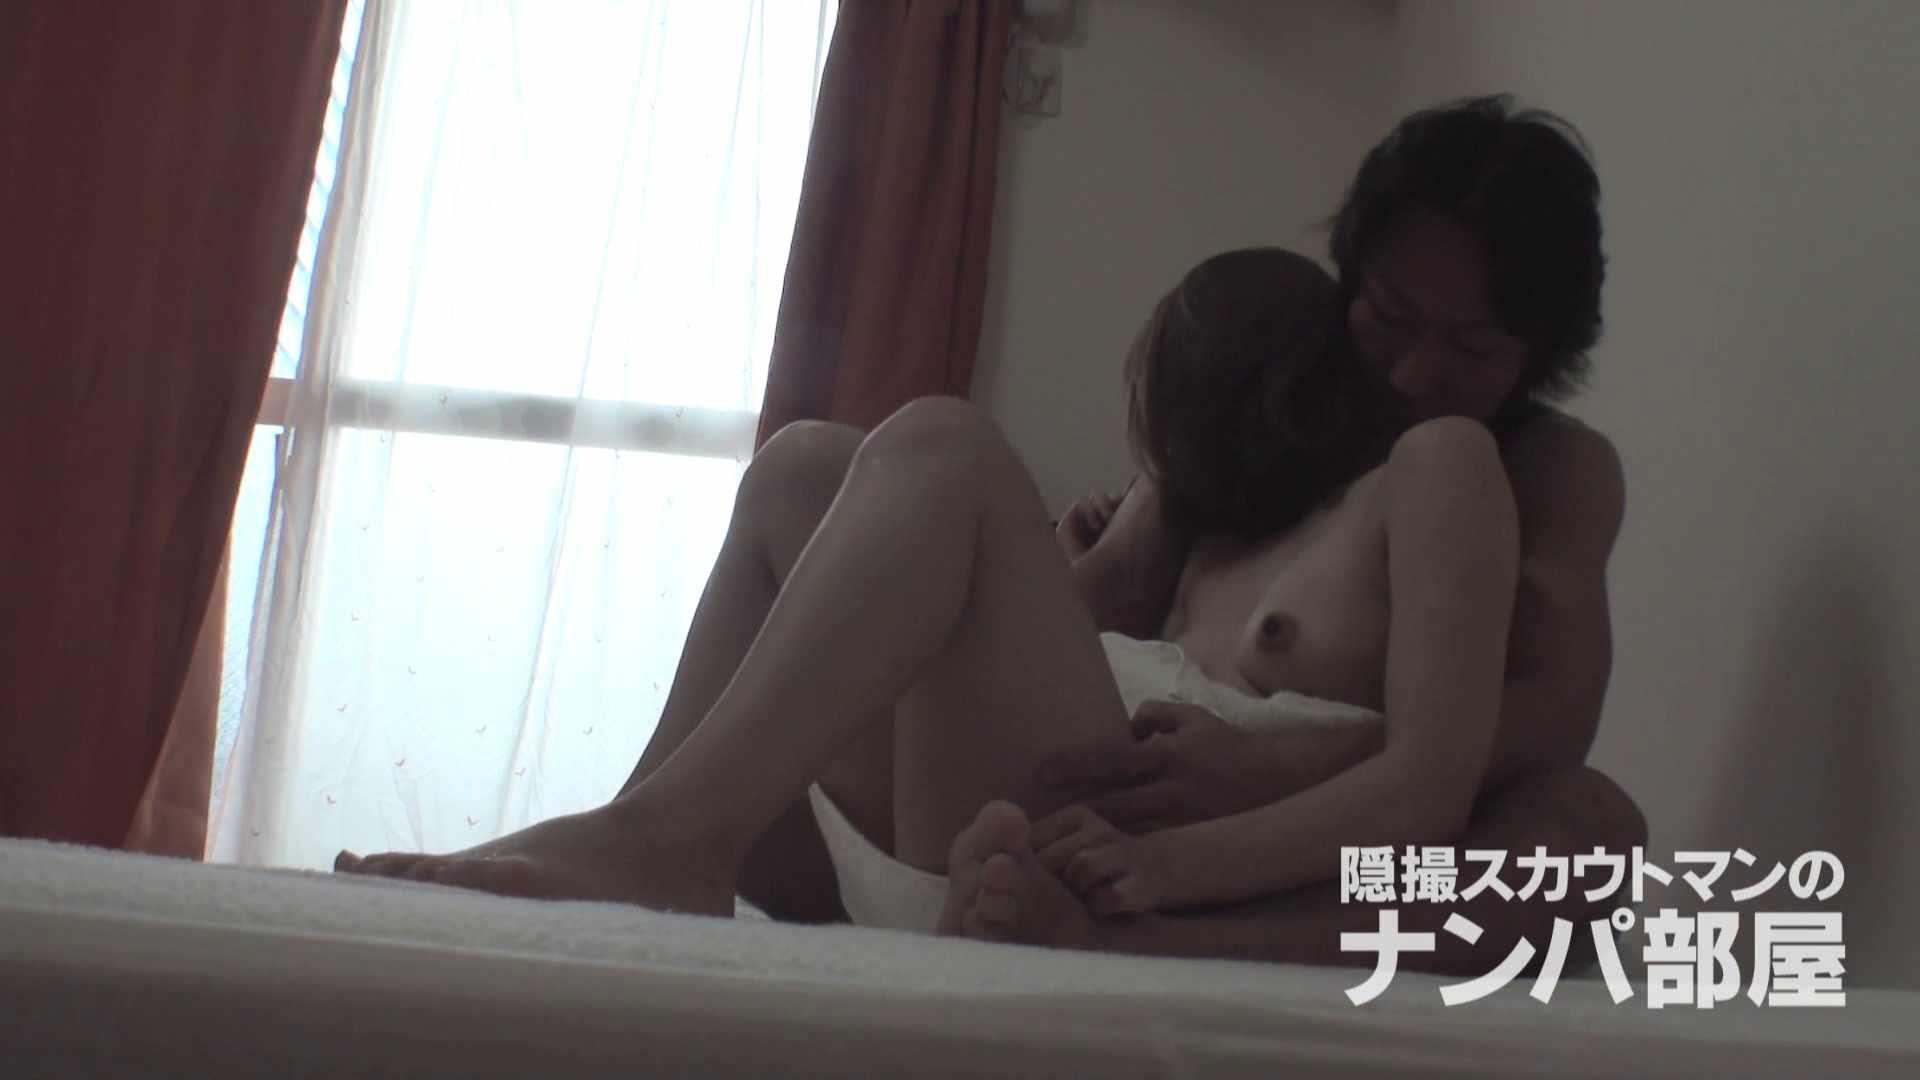 隠撮スカウトマンのナンパ部屋~風俗デビュー前のつまみ食い~ sii 脱衣所 | ナンパ  90連発 70